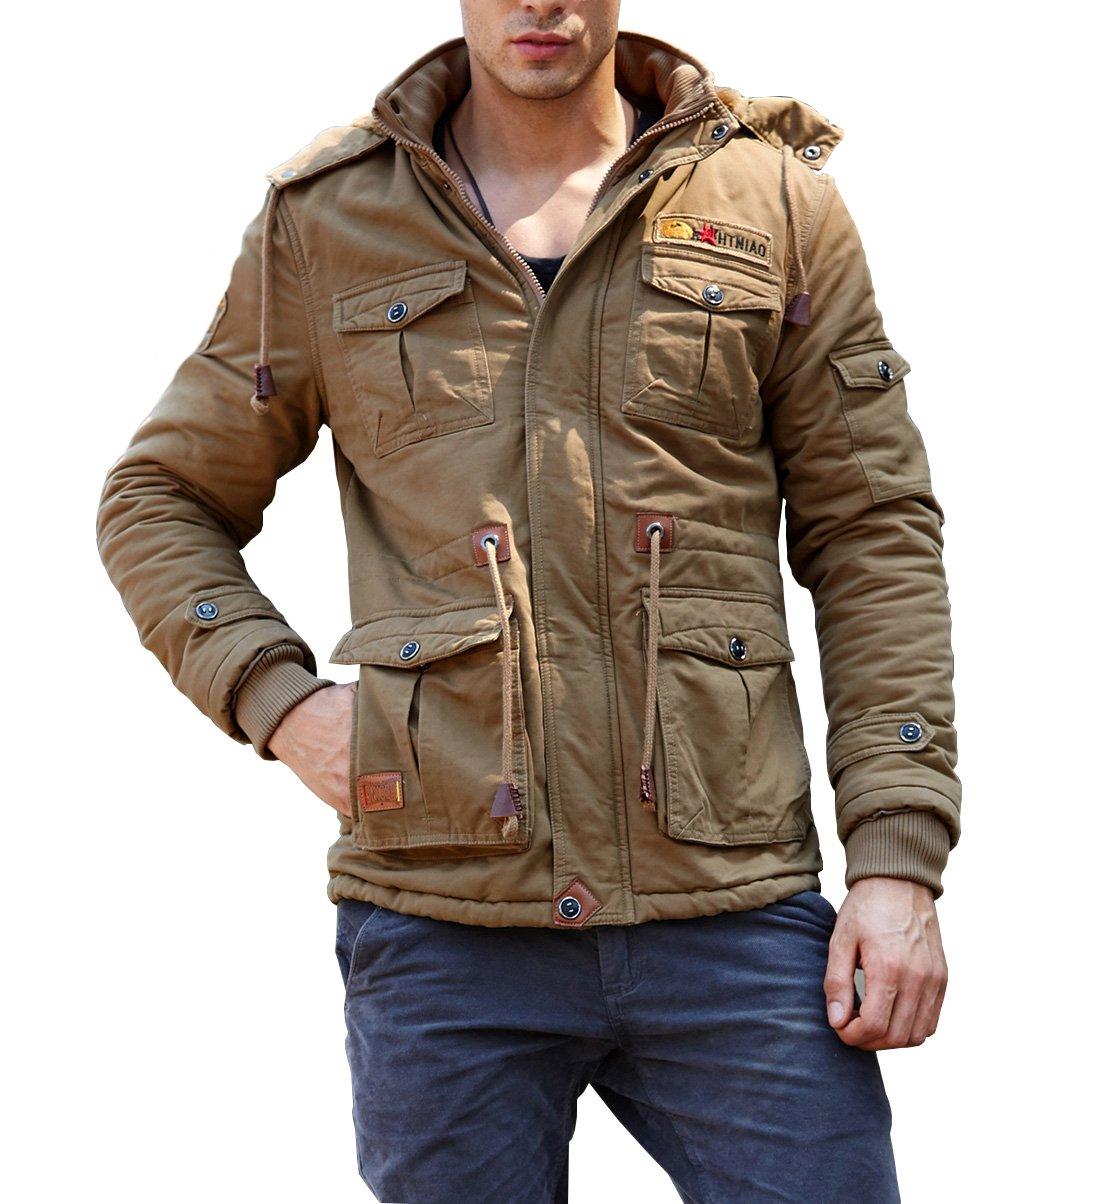 CRYSULLY Men's Autumn Windbreaker Coat Outdoor Hooded Cargo Cotton Utility Full Zip Jacket Khaki by CRYSULLY